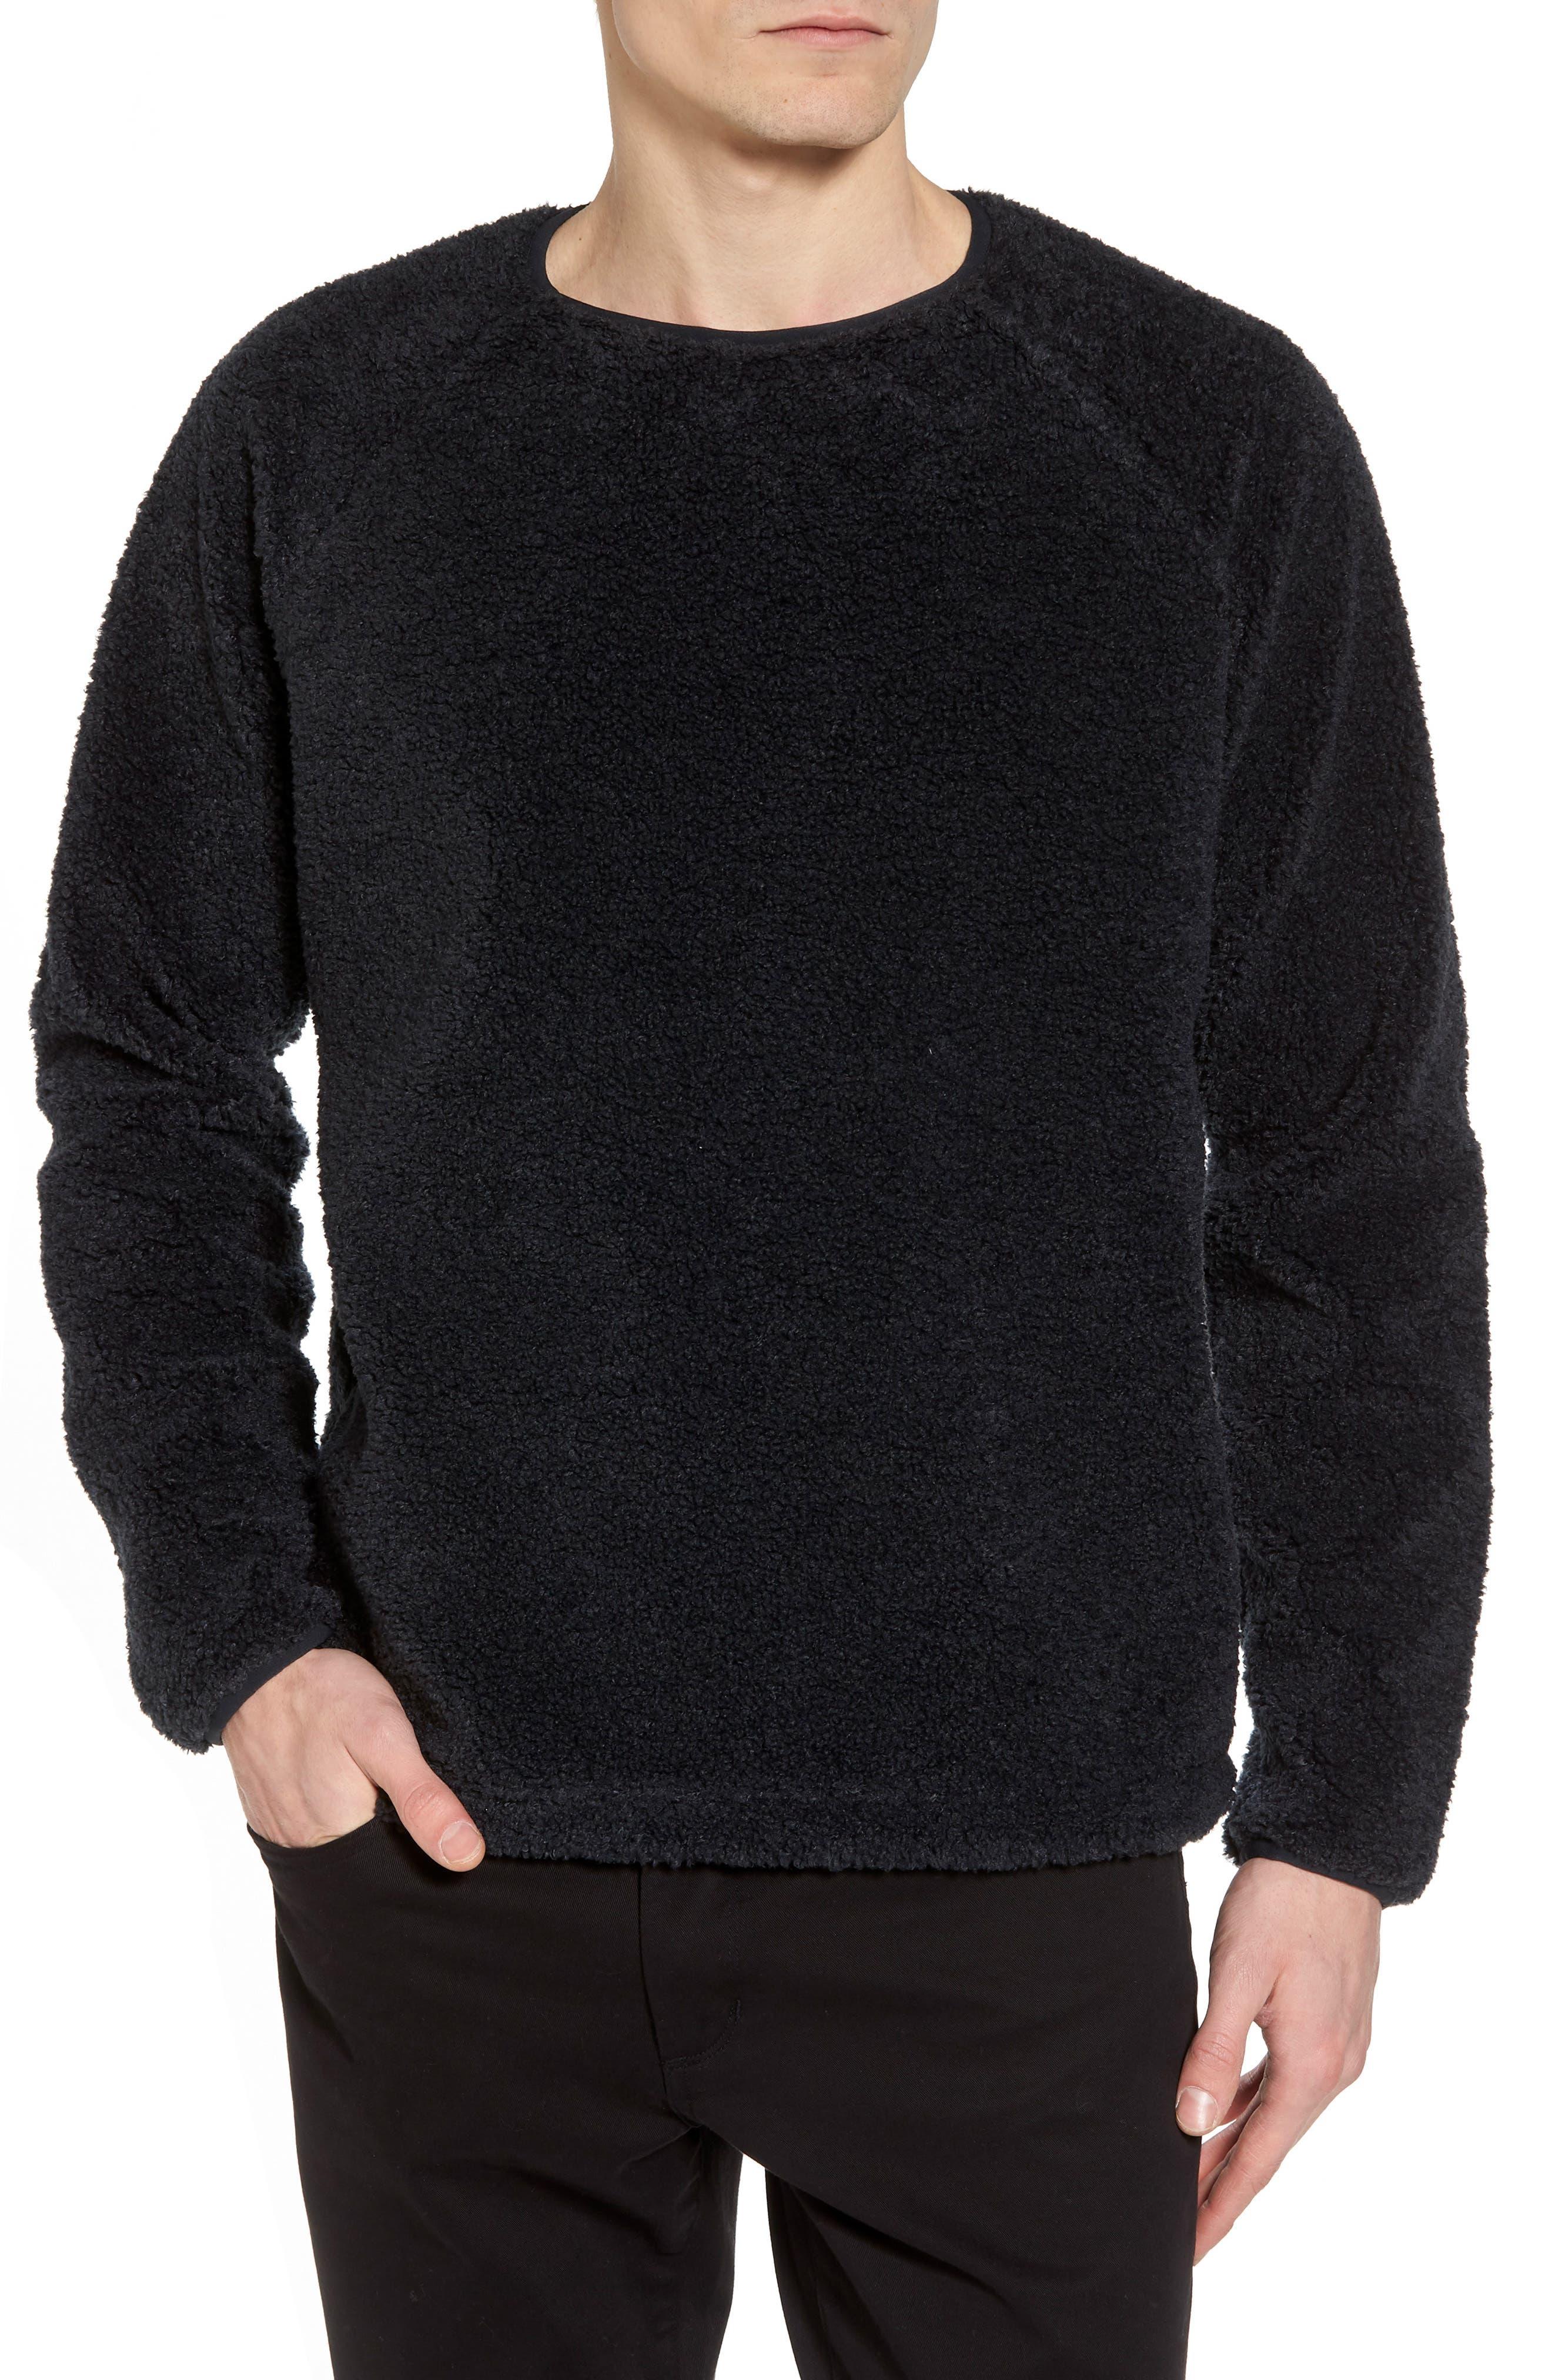 Deliverance Fleece Sweatshirt,                         Main,                         color,